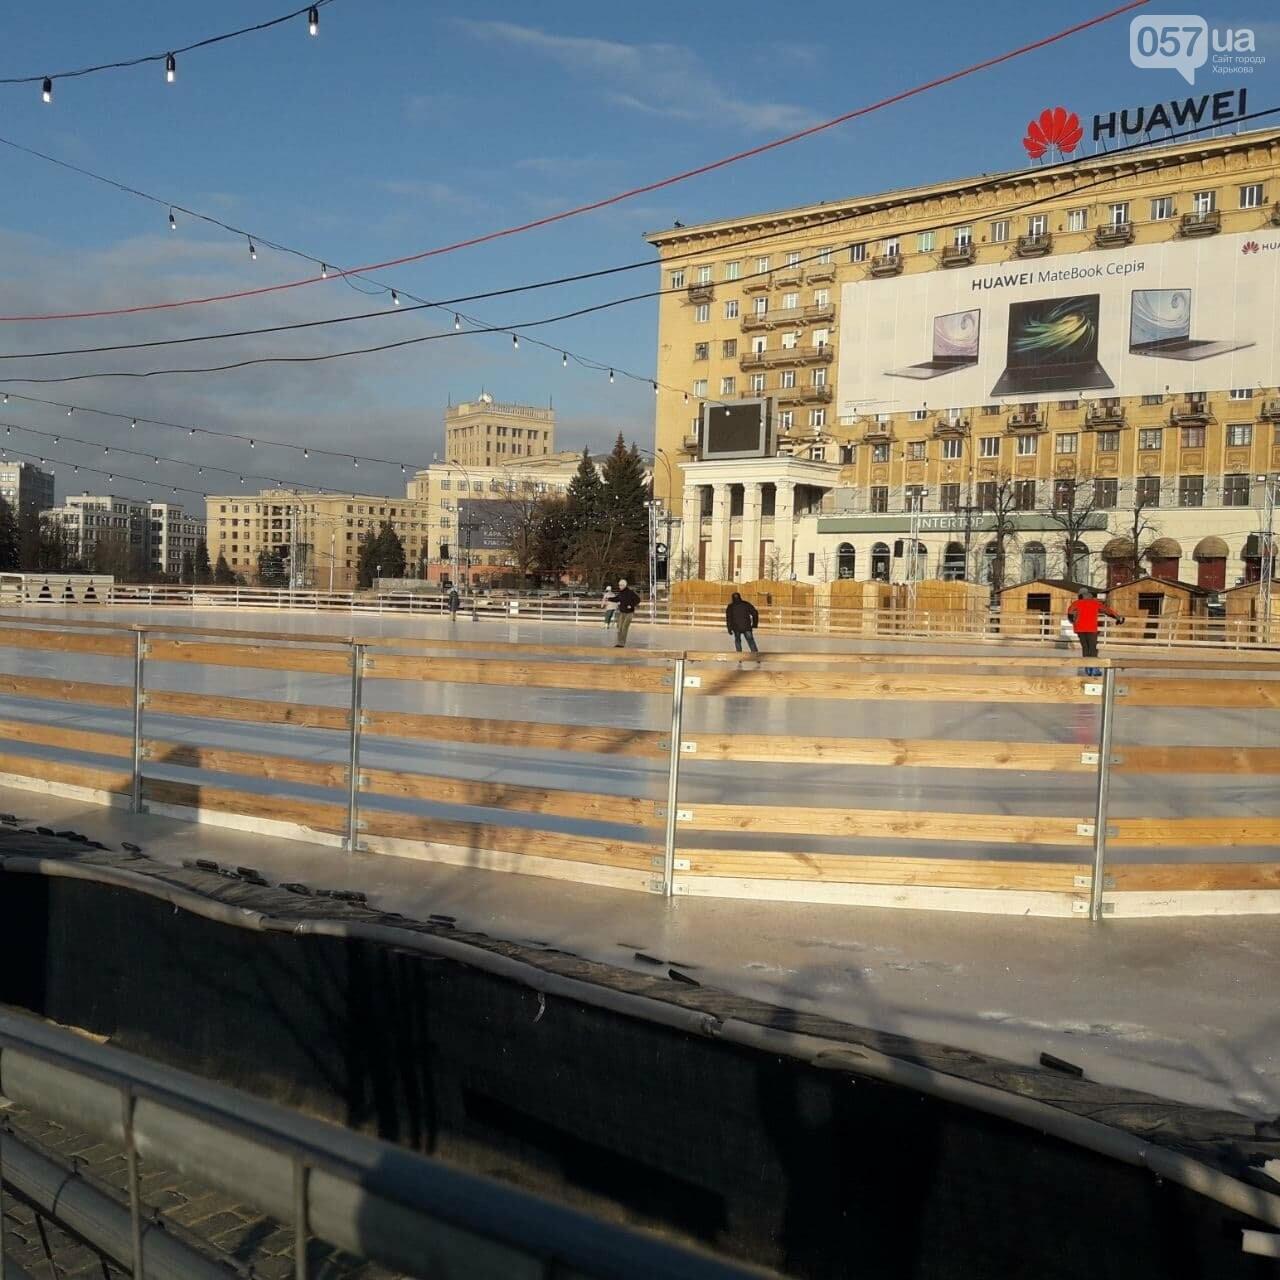 В Харькове на центральной площади открылся каток: цены, услуги и время работы, - ФОТО, фото-7